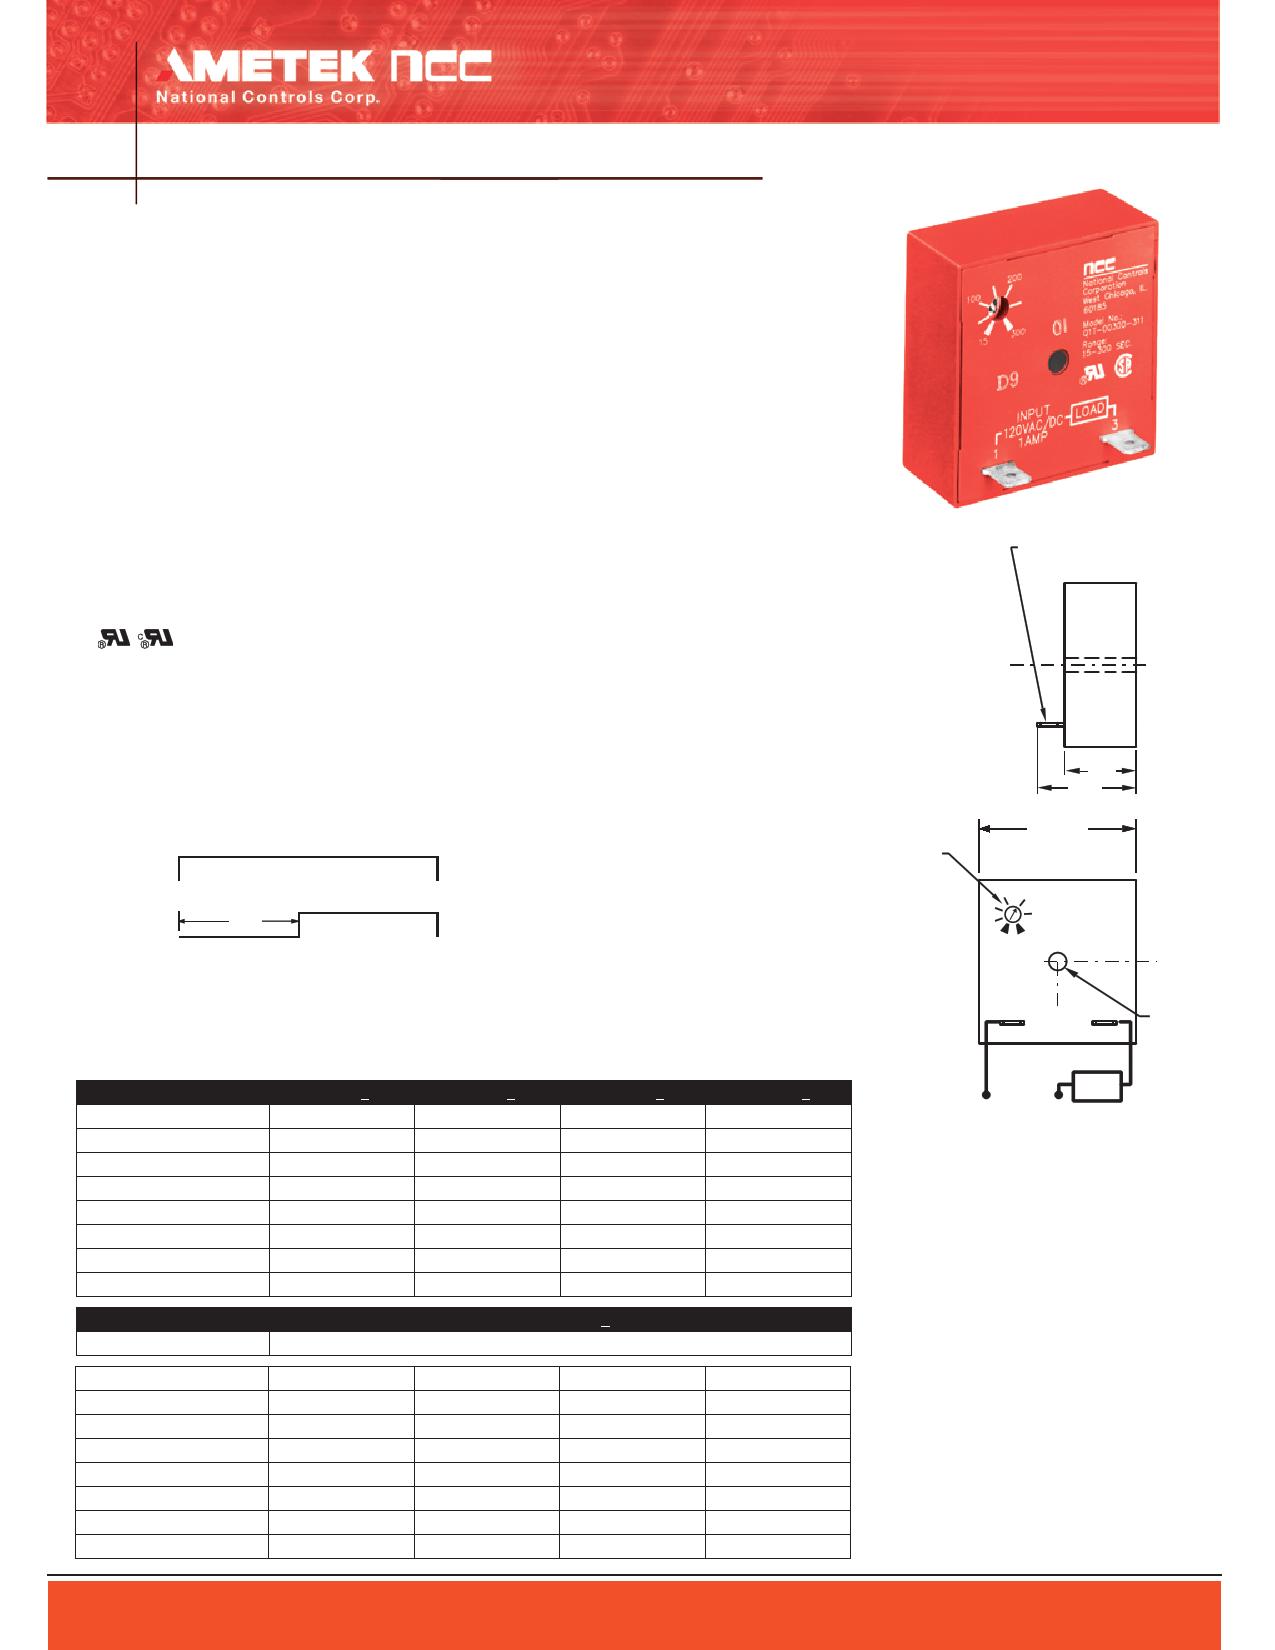 Q1T-00005-315 Hoja de datos, Descripción, Manual